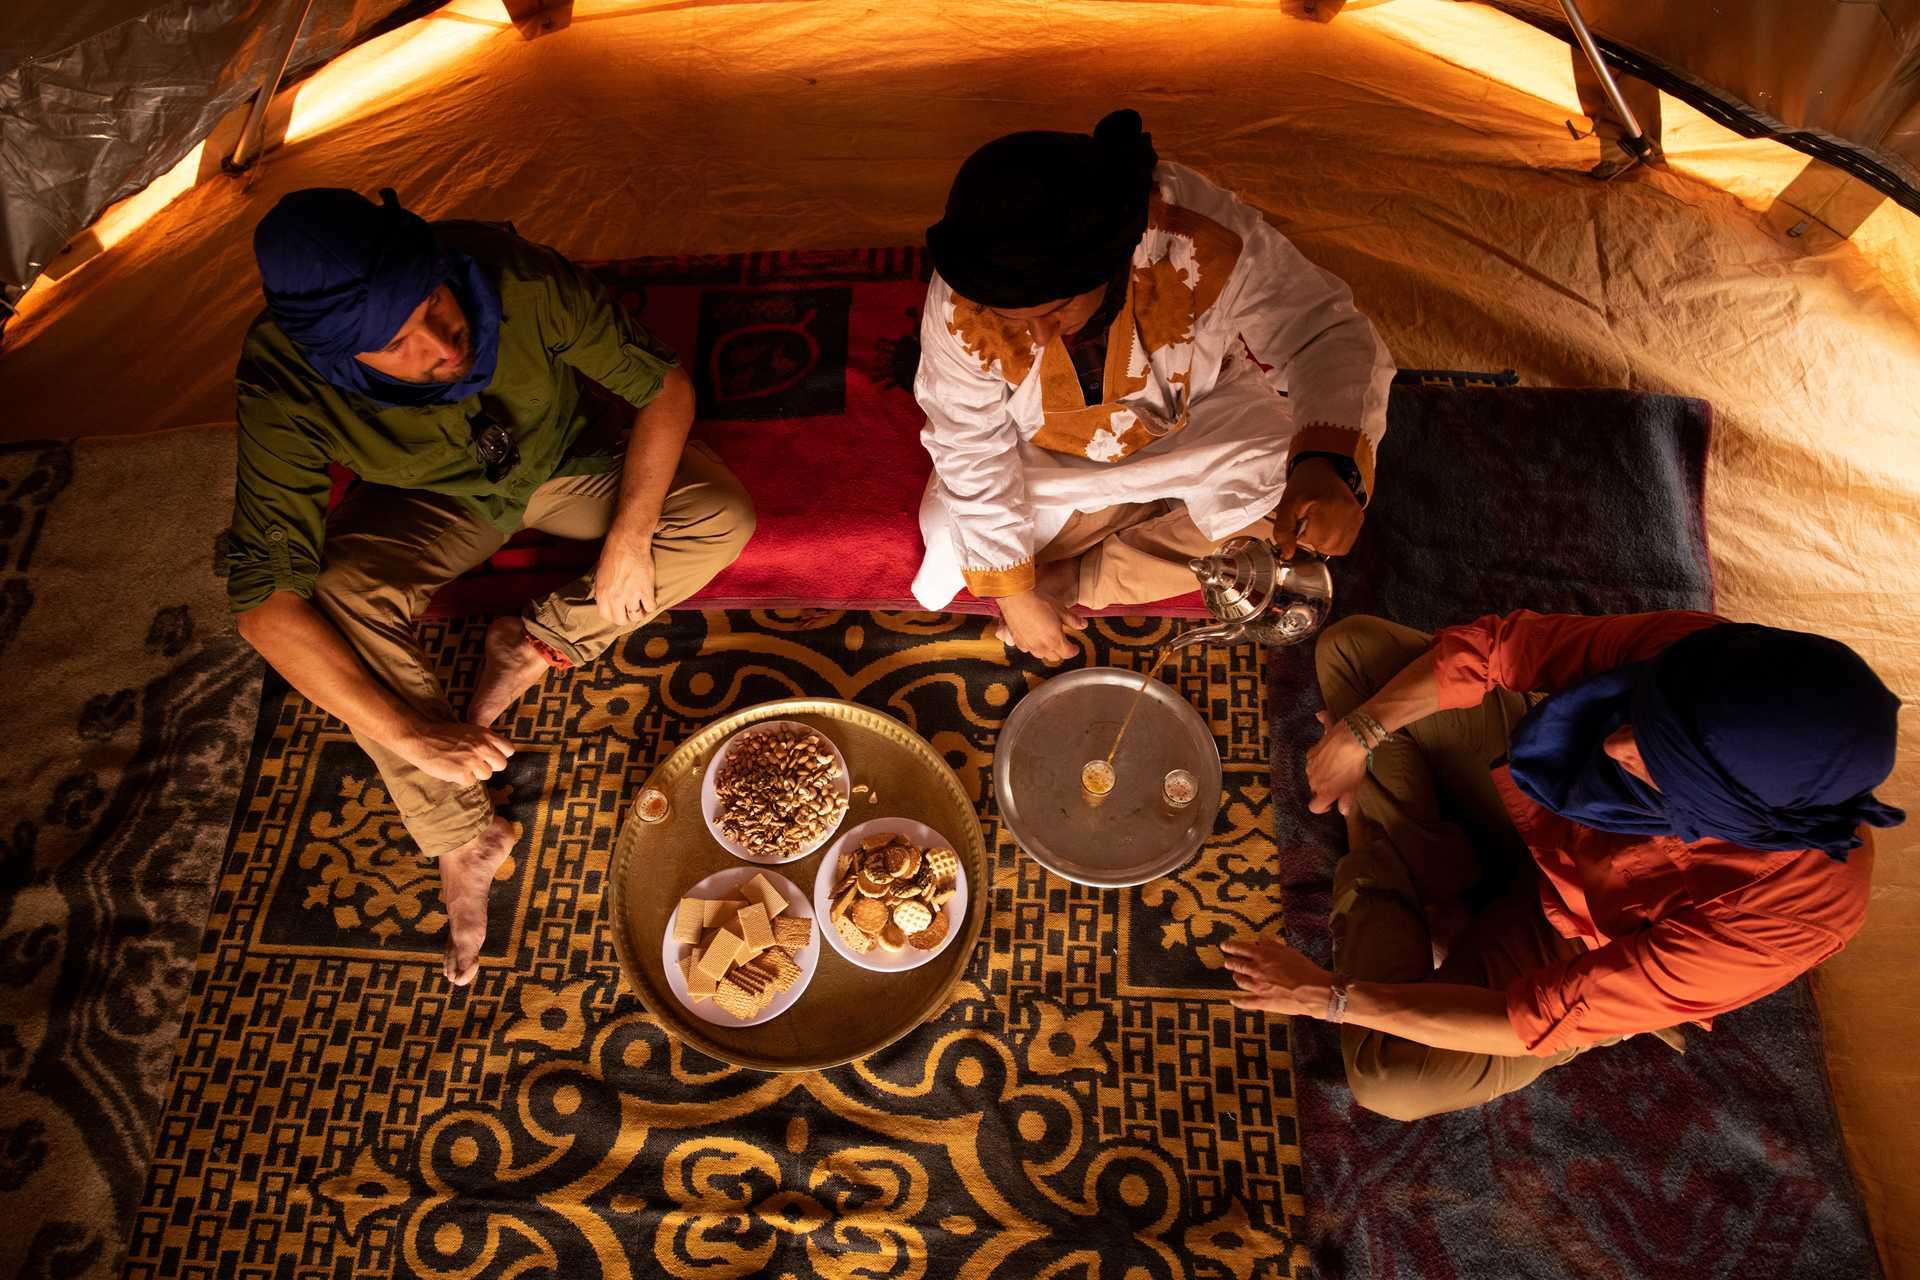 Thé et pâtisserie marocaine au campement dans le désert